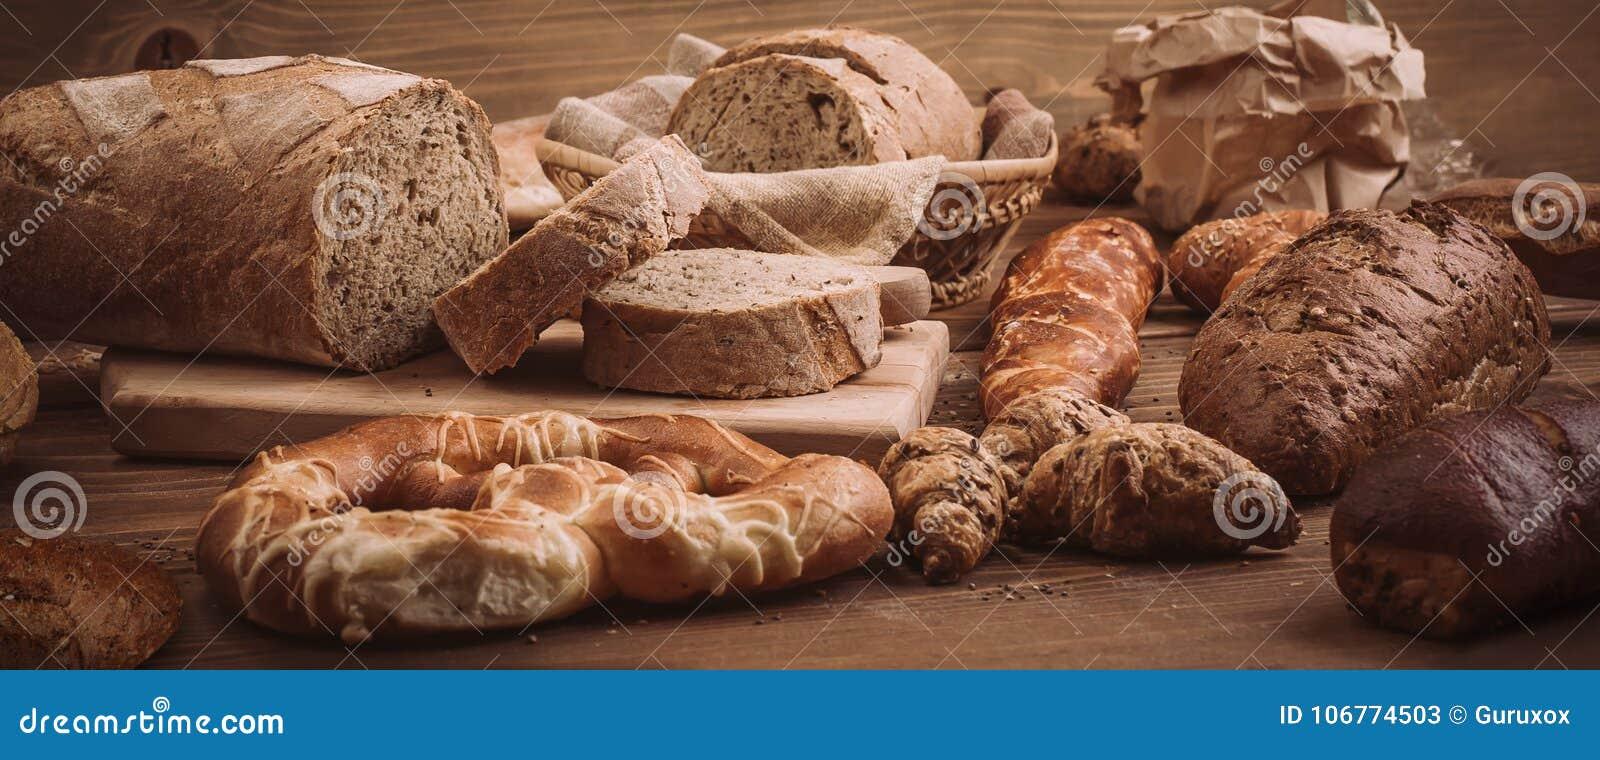 Diverse gebakken broden en broodjes op rustieke houten lijst